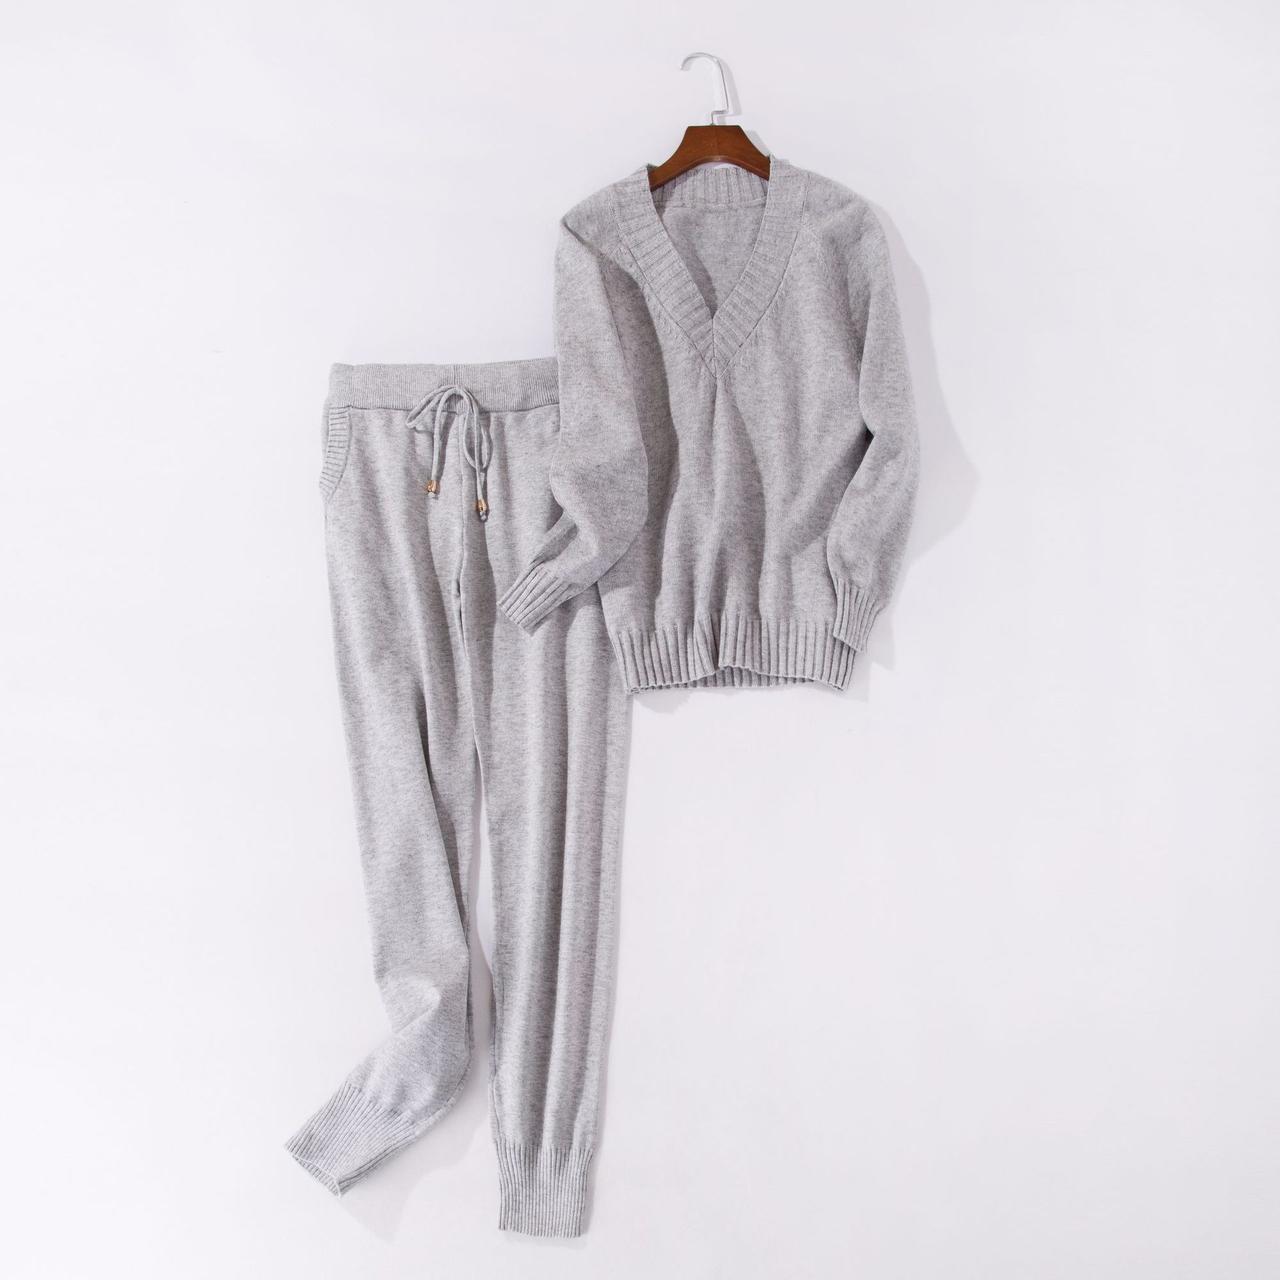 Женский удобный красивый осенний костюм кофта и штаны серый размер S/M